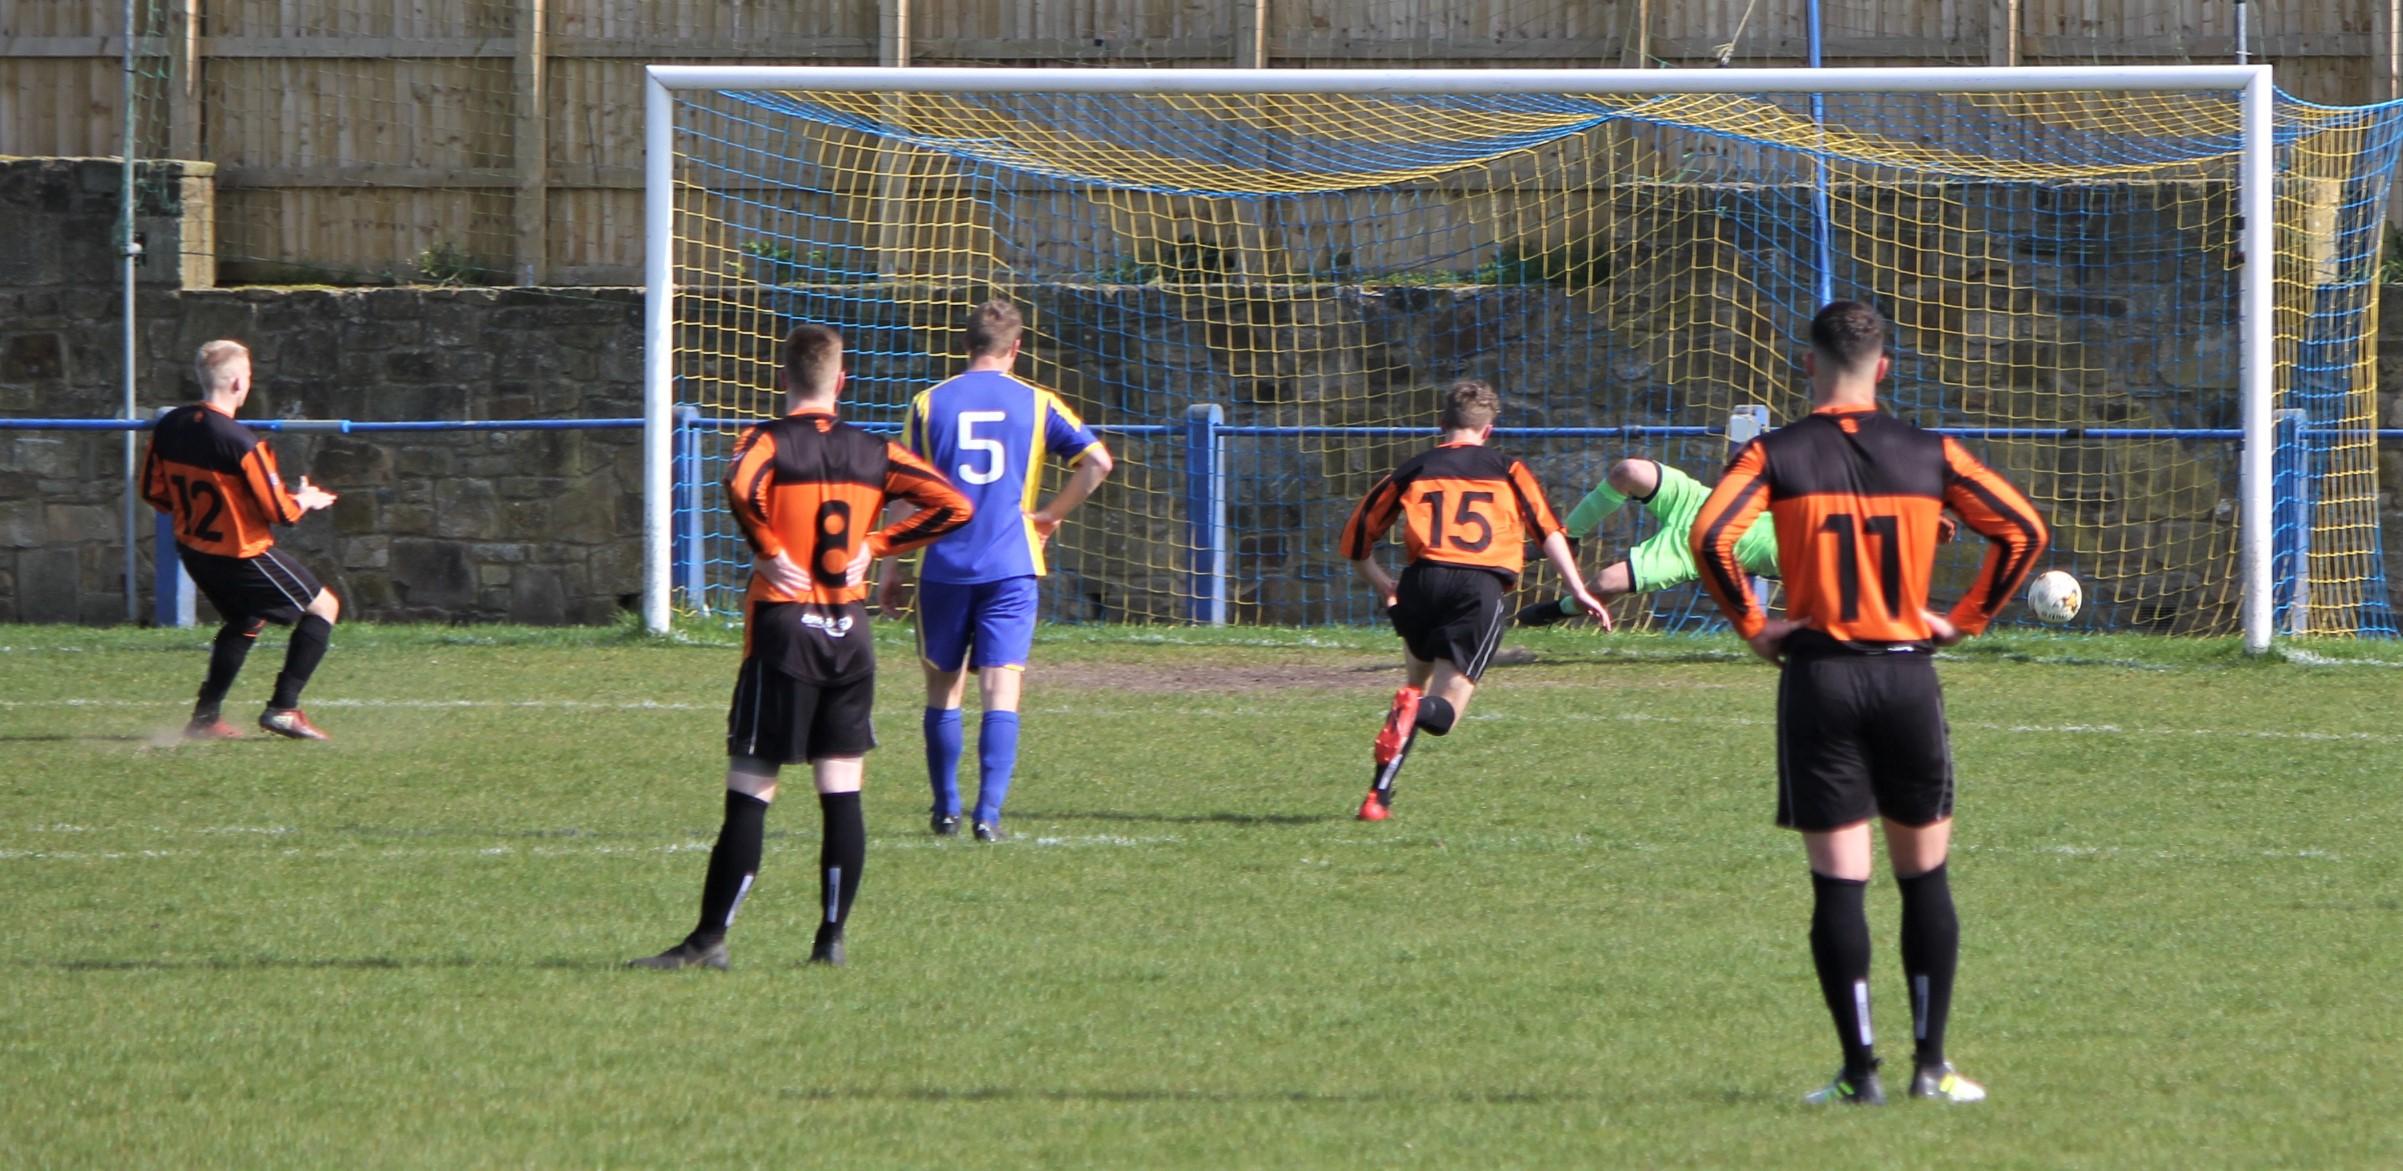 Bagot scores a penalty to make it 2-1